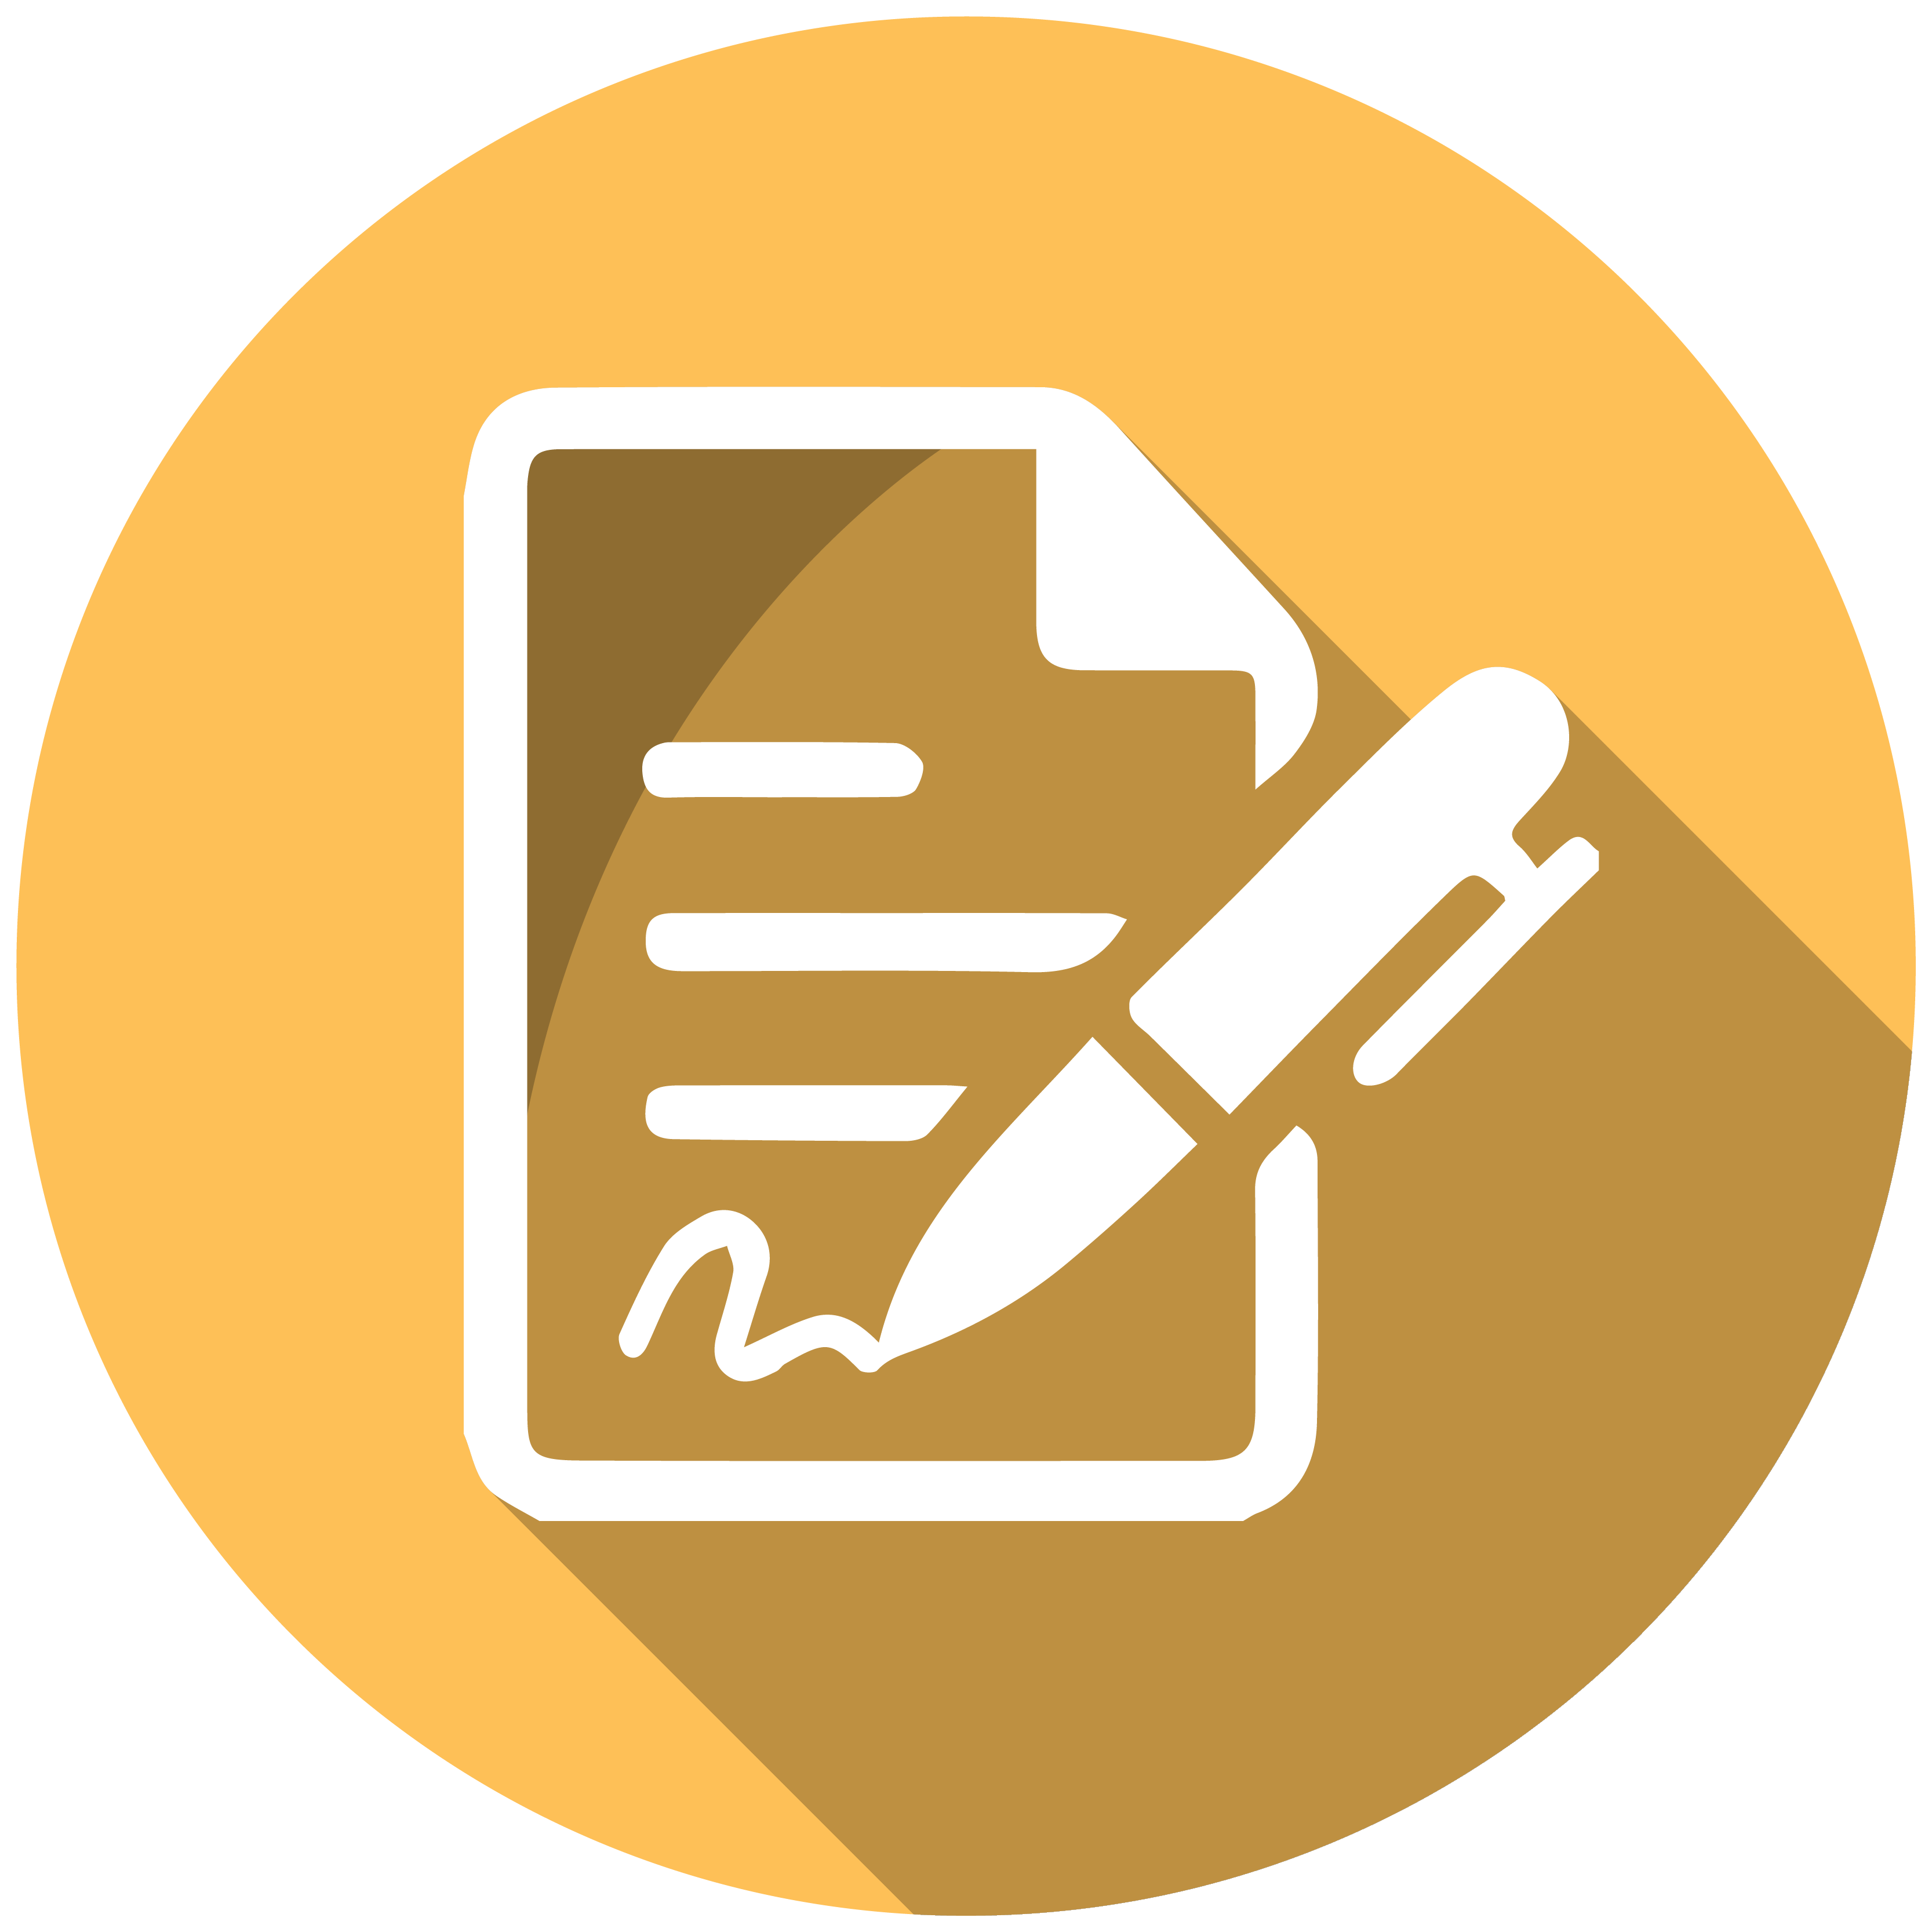 پروژه بررسی طراحی و ساخت سیستم اعلان و اطفاء حریق